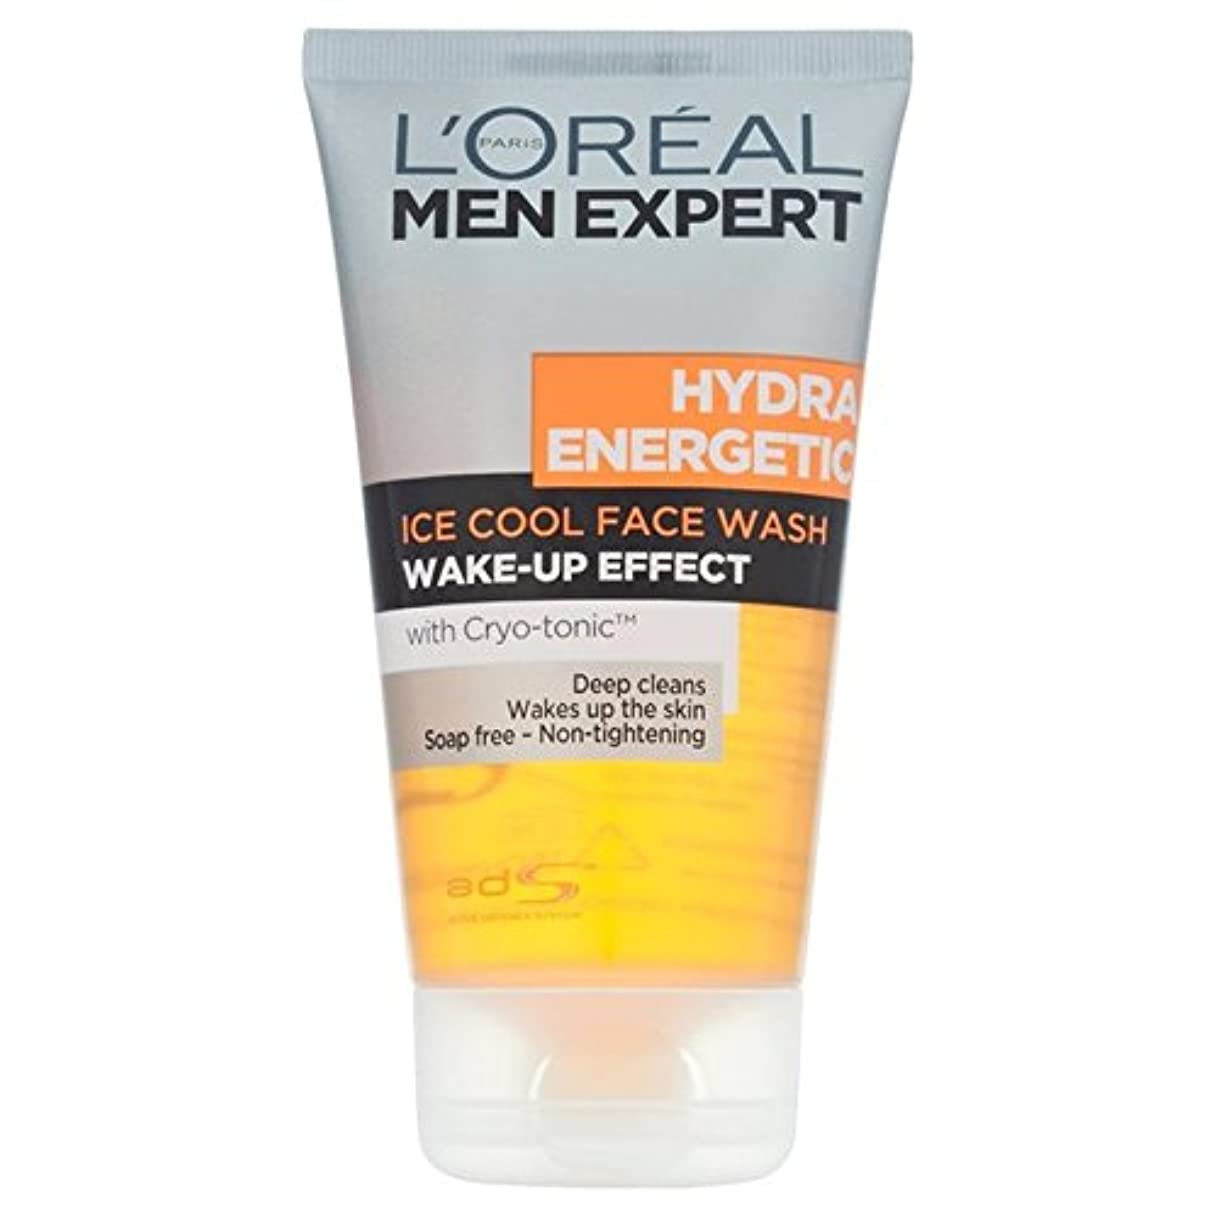 ラッカス免除お酢L'Oreal Men Expert Hydra Energetic Foaming Cleansing Gel 150ml - ロレアルの男性の専門家ヒドラエネルギッシュな発泡クレンジングジェル150 [並行輸入品]